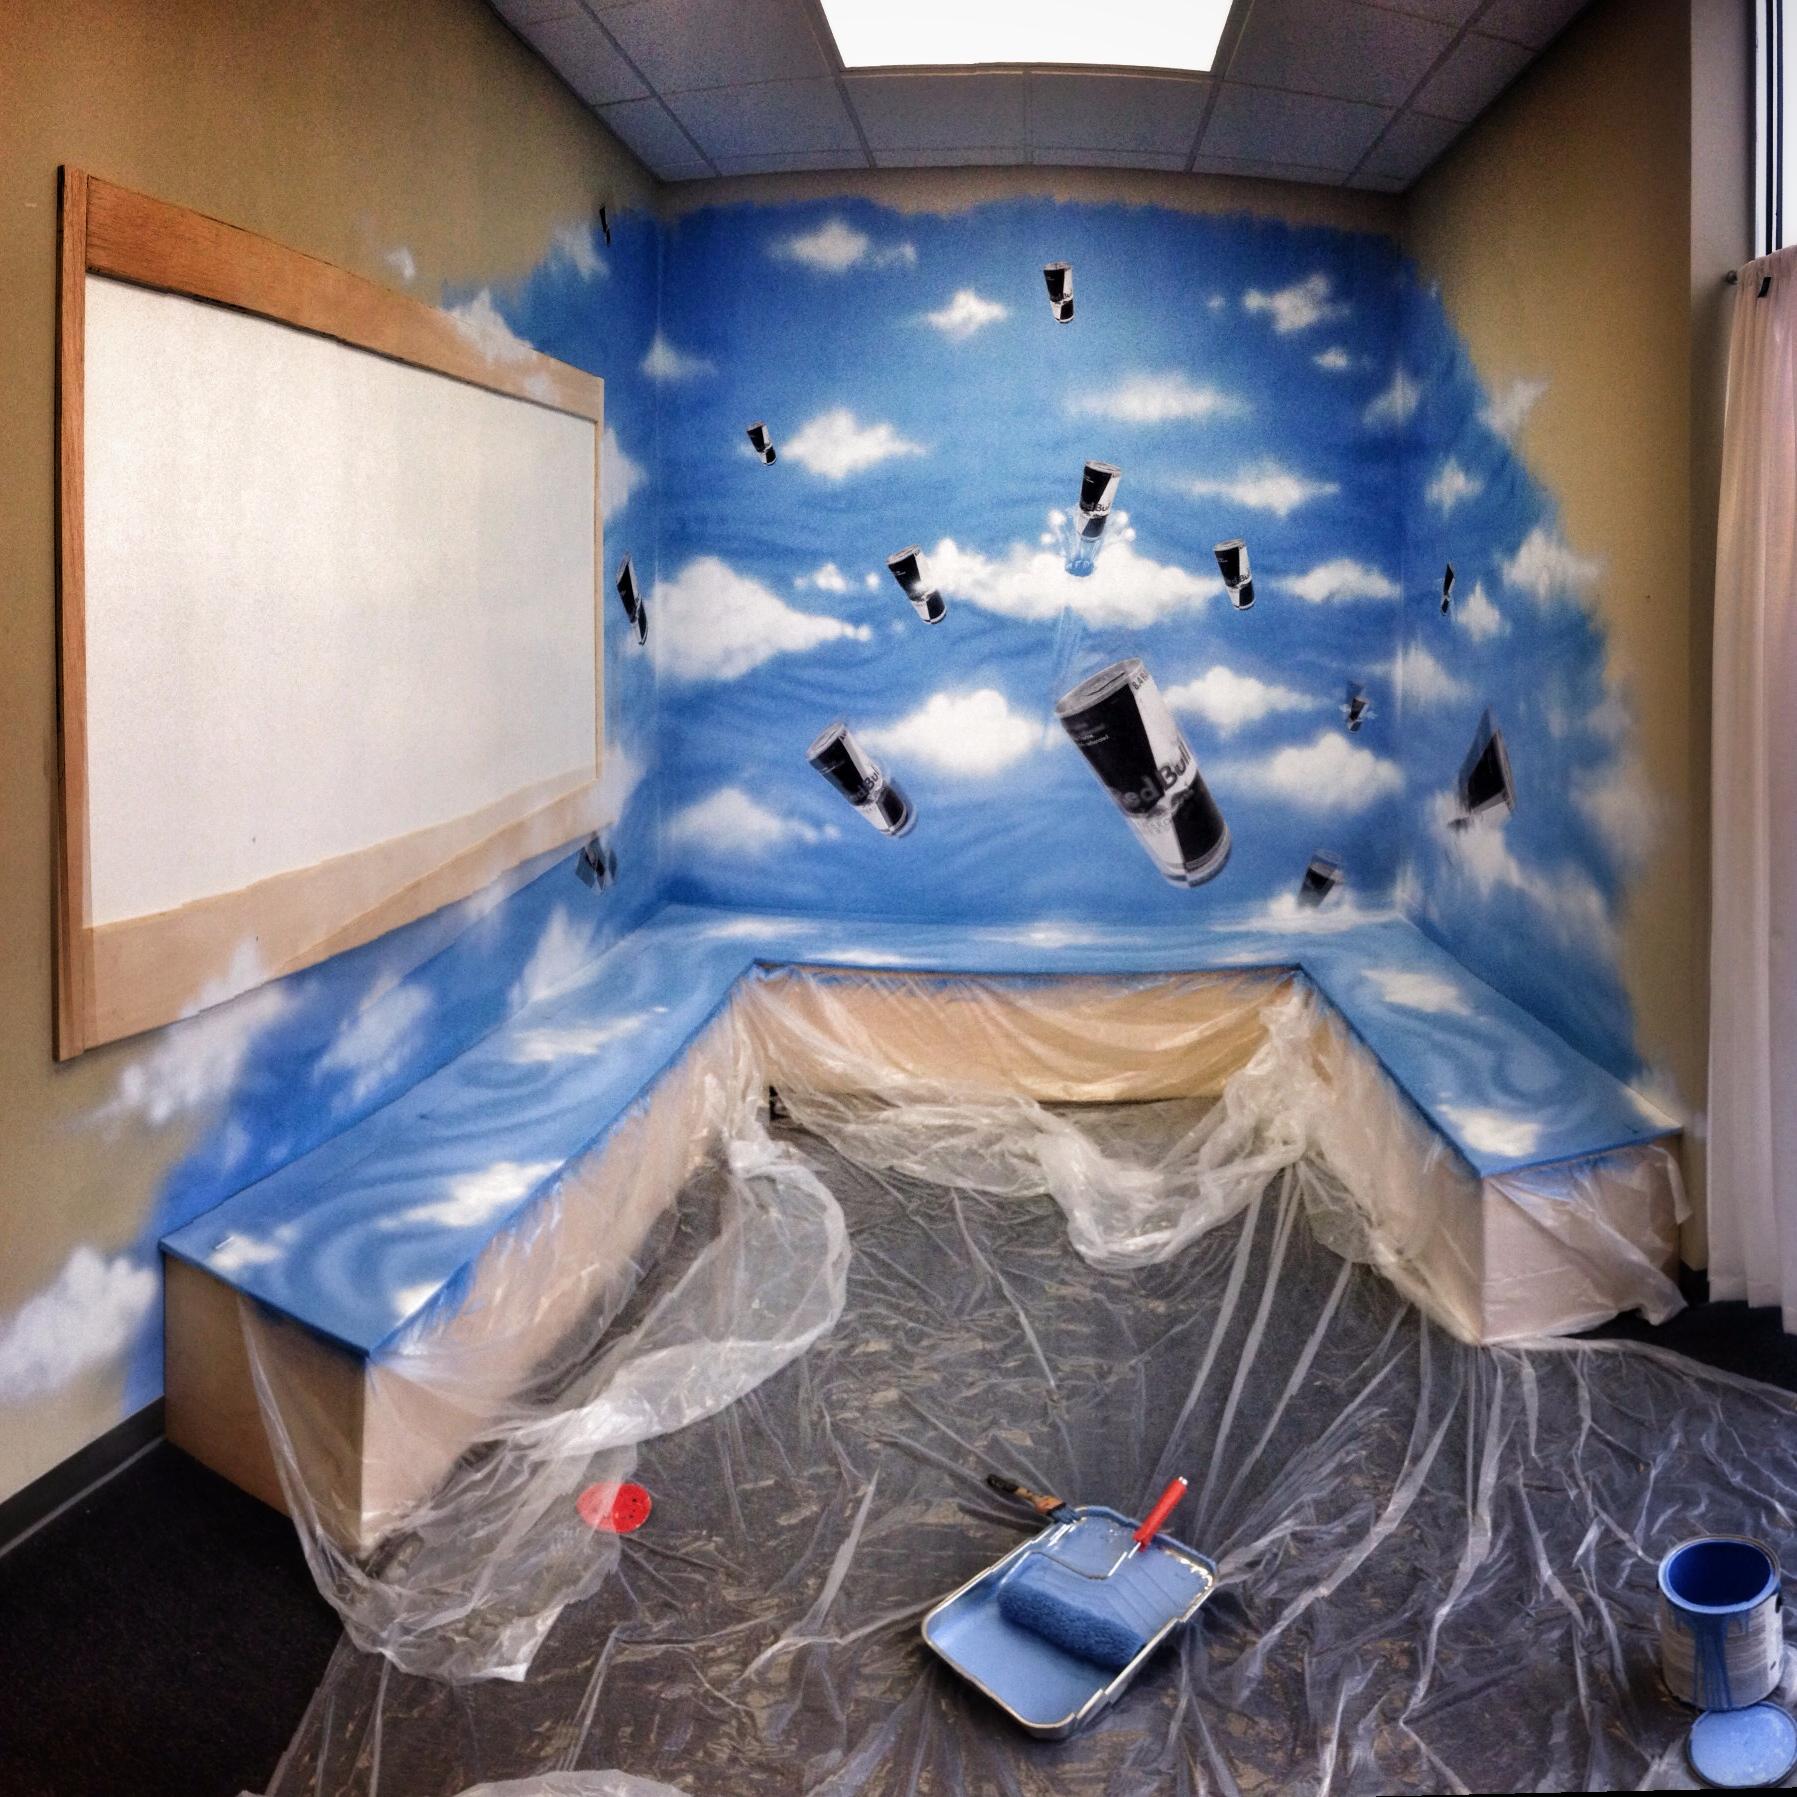 Redbull Corporate Office .jpg